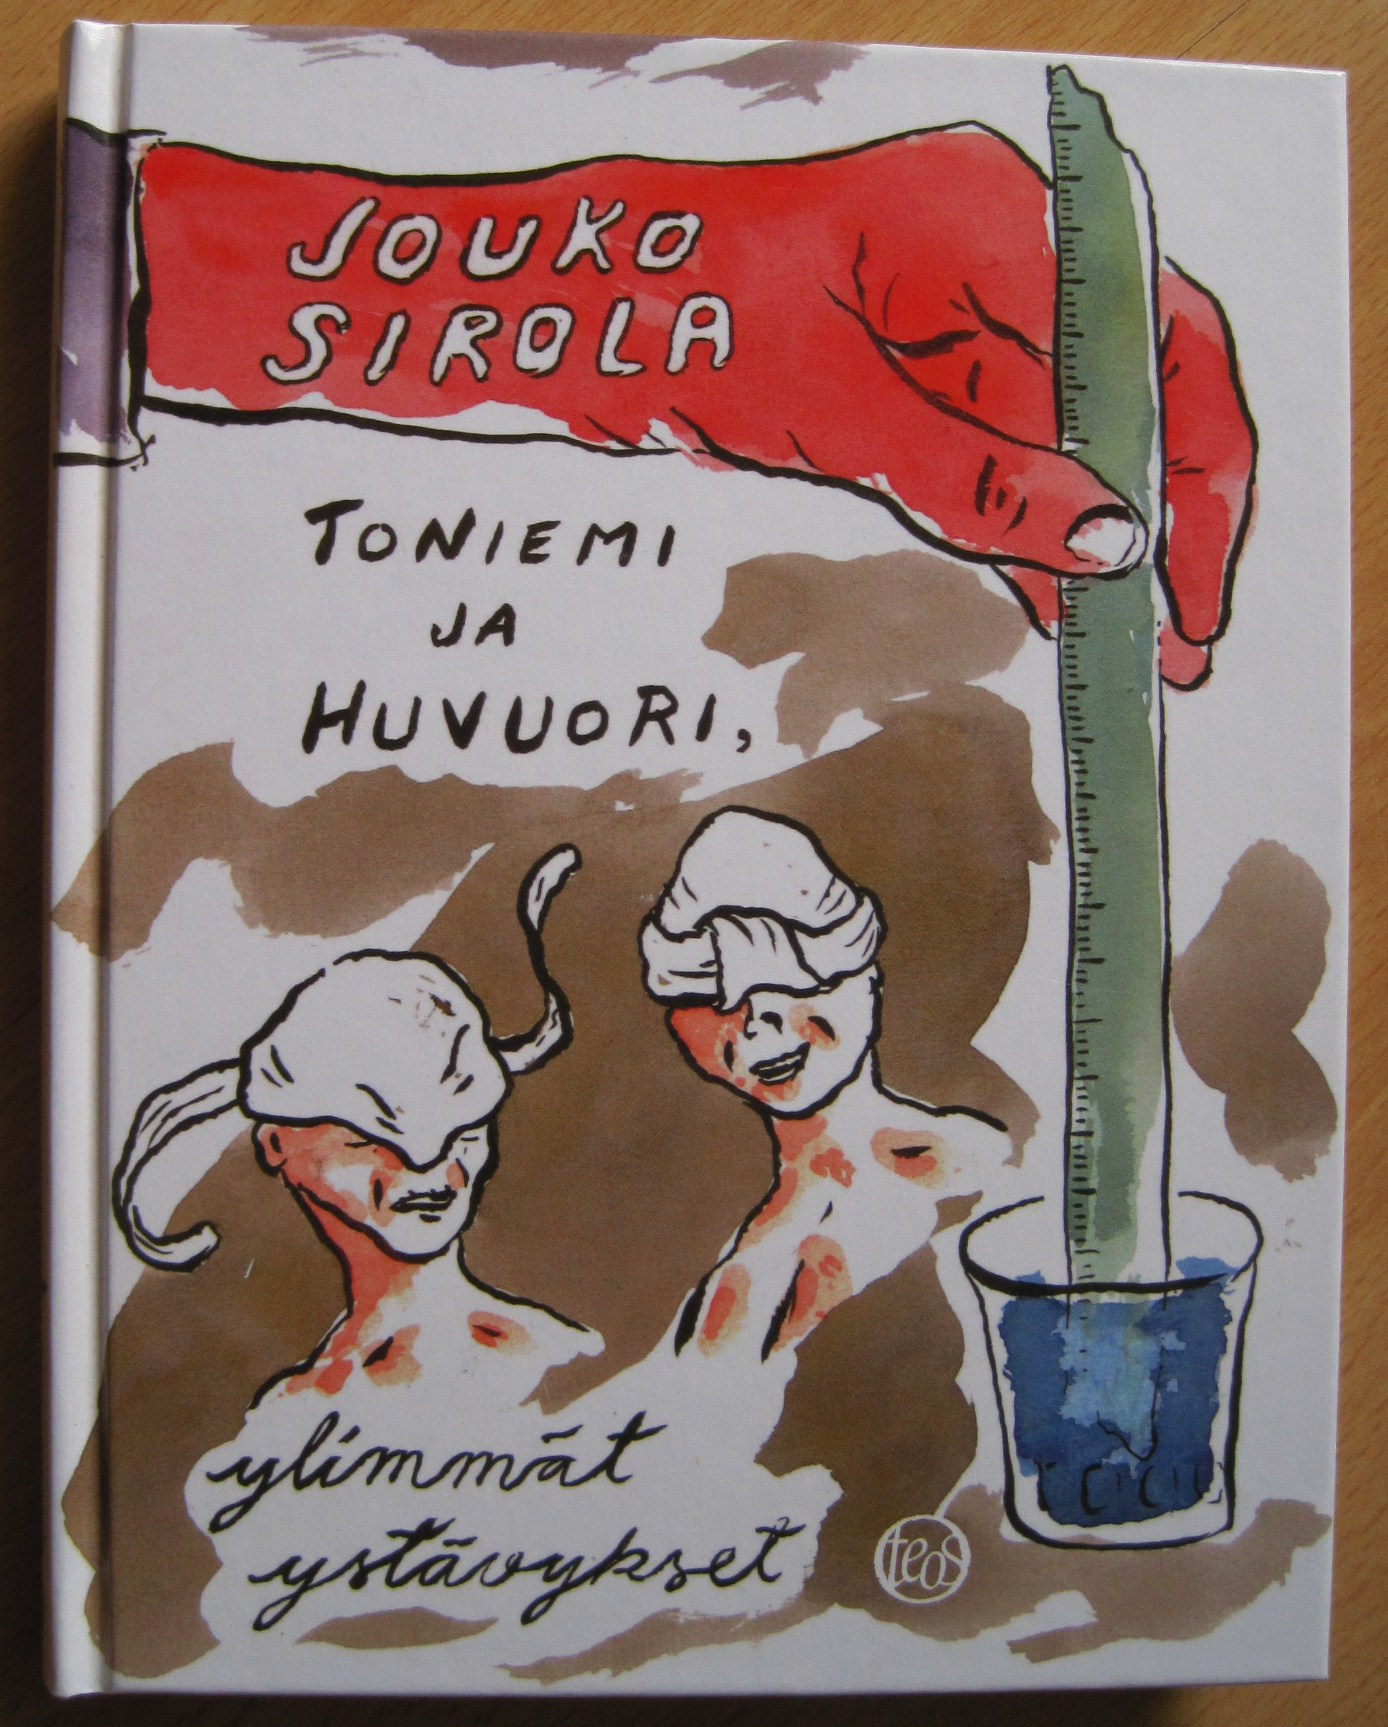 Kuvitus Jouko Sirolan kirjaan Toniemi ja Huvuori, ylimmät ystävykset